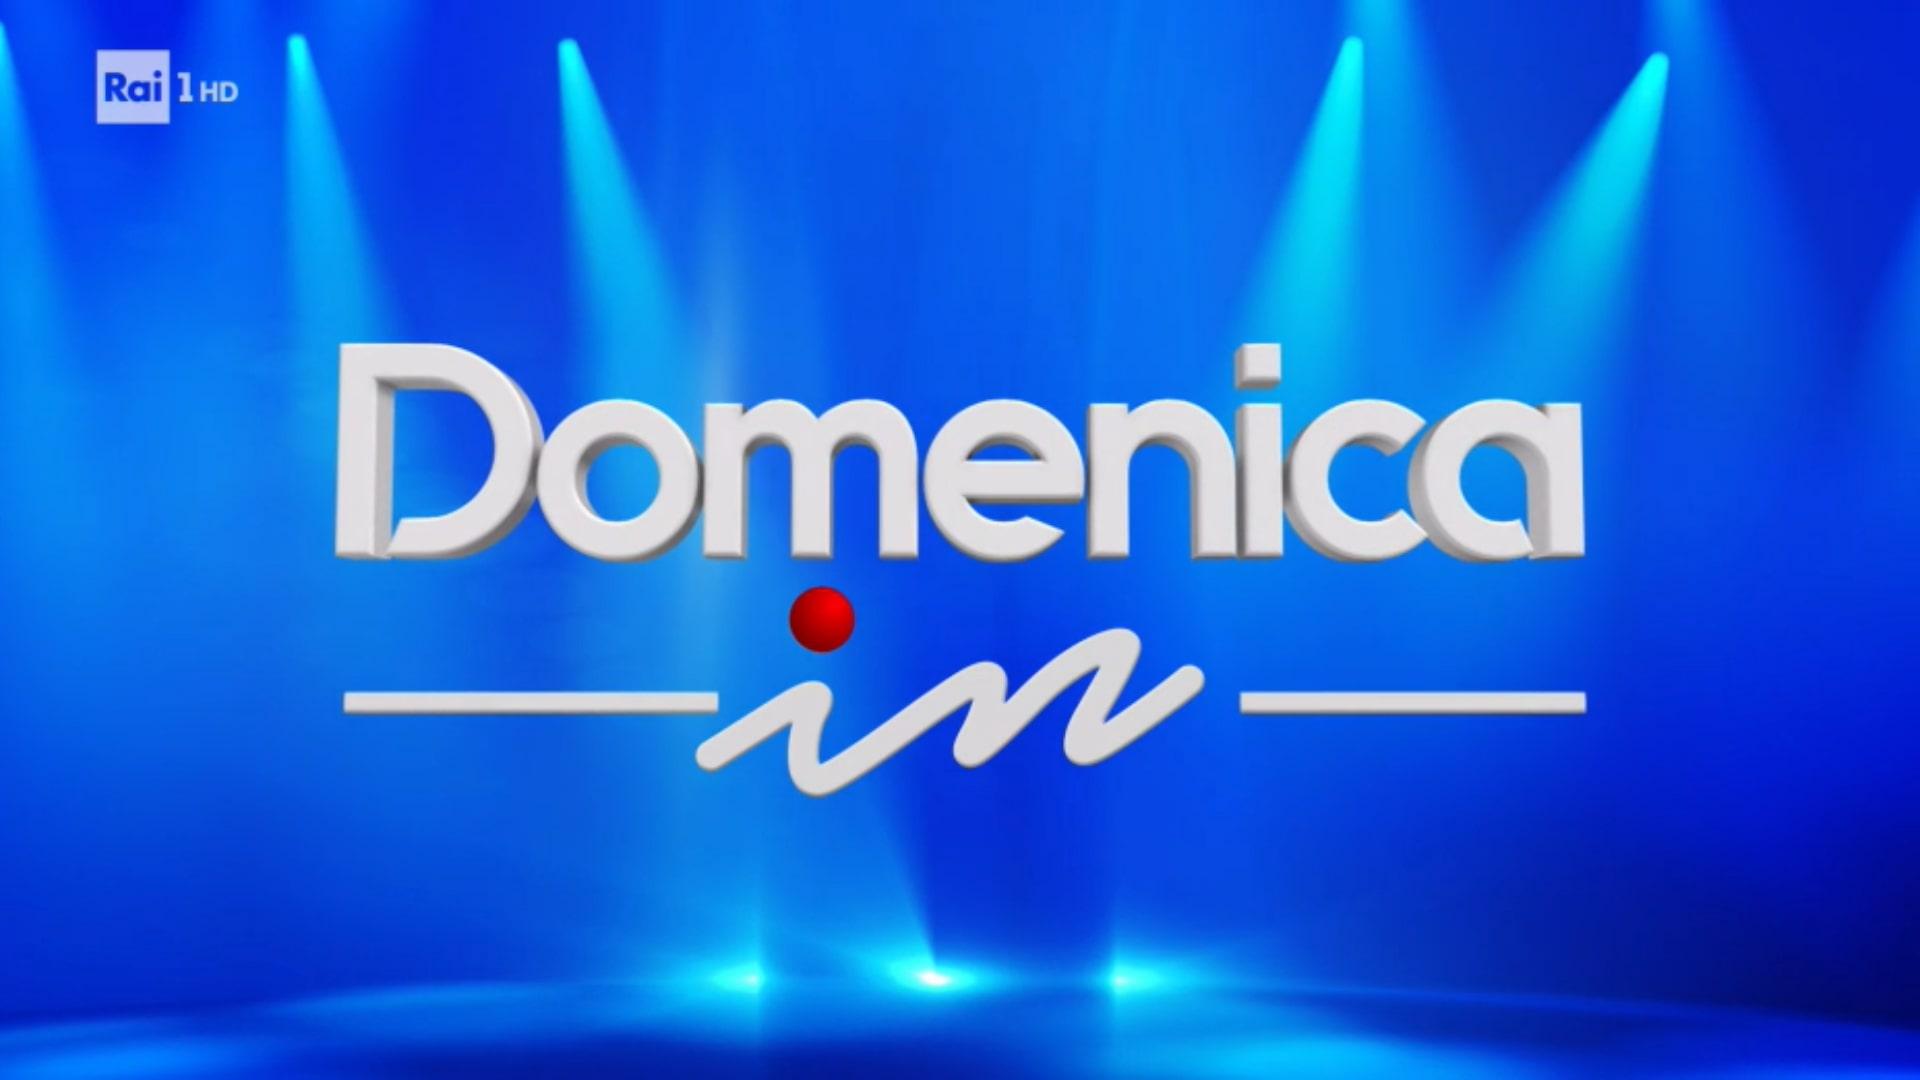 Domenica In, gli ospiti della terza puntata in onda il 27 settembre 2020